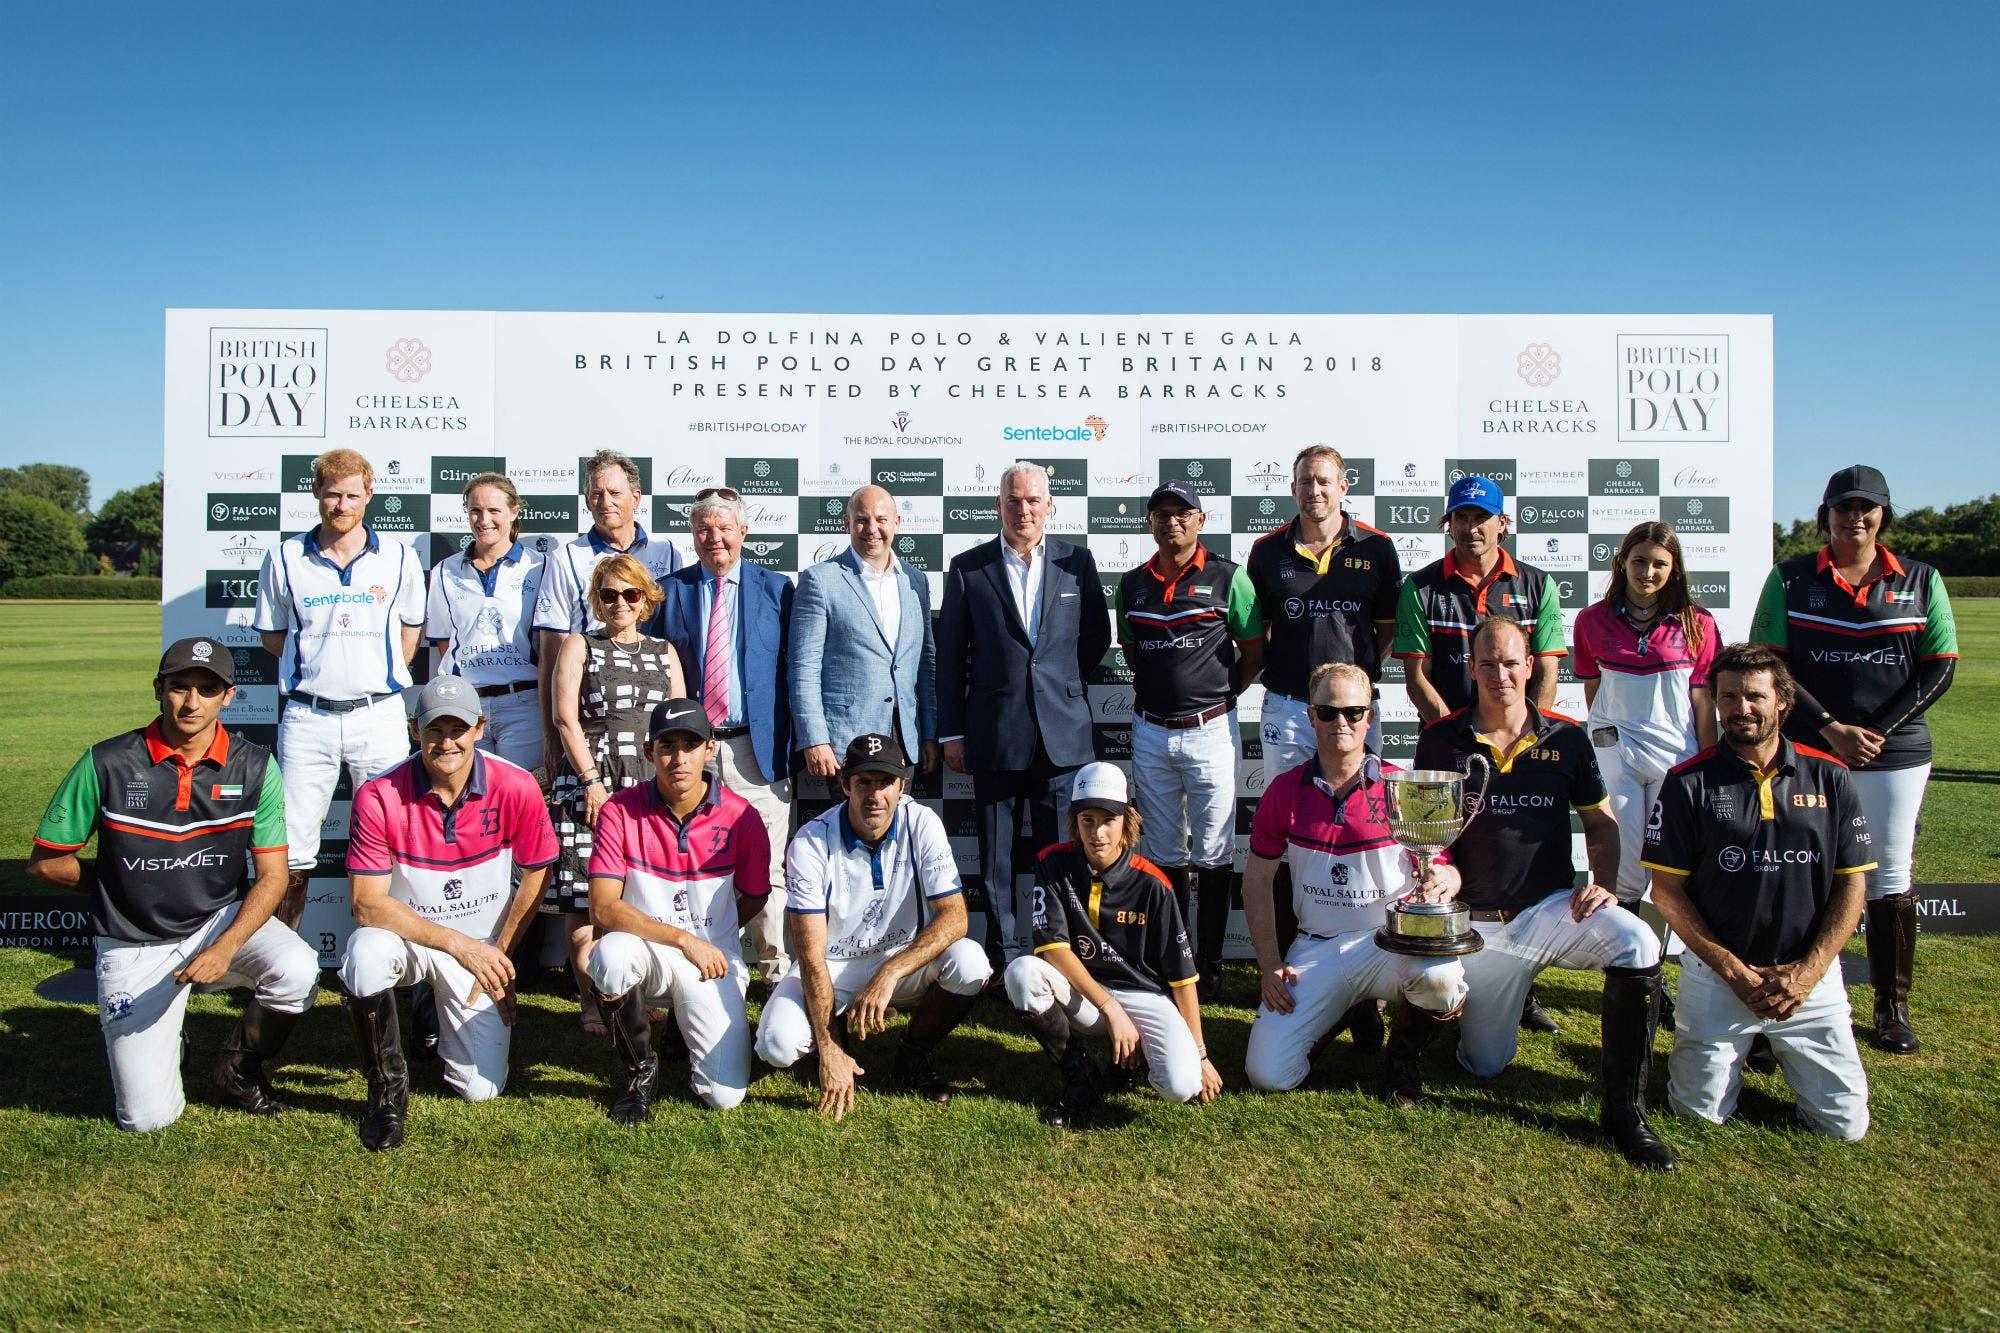 El príncipe Harry se unió a Adolfo Cambiaso en el British Polo Day